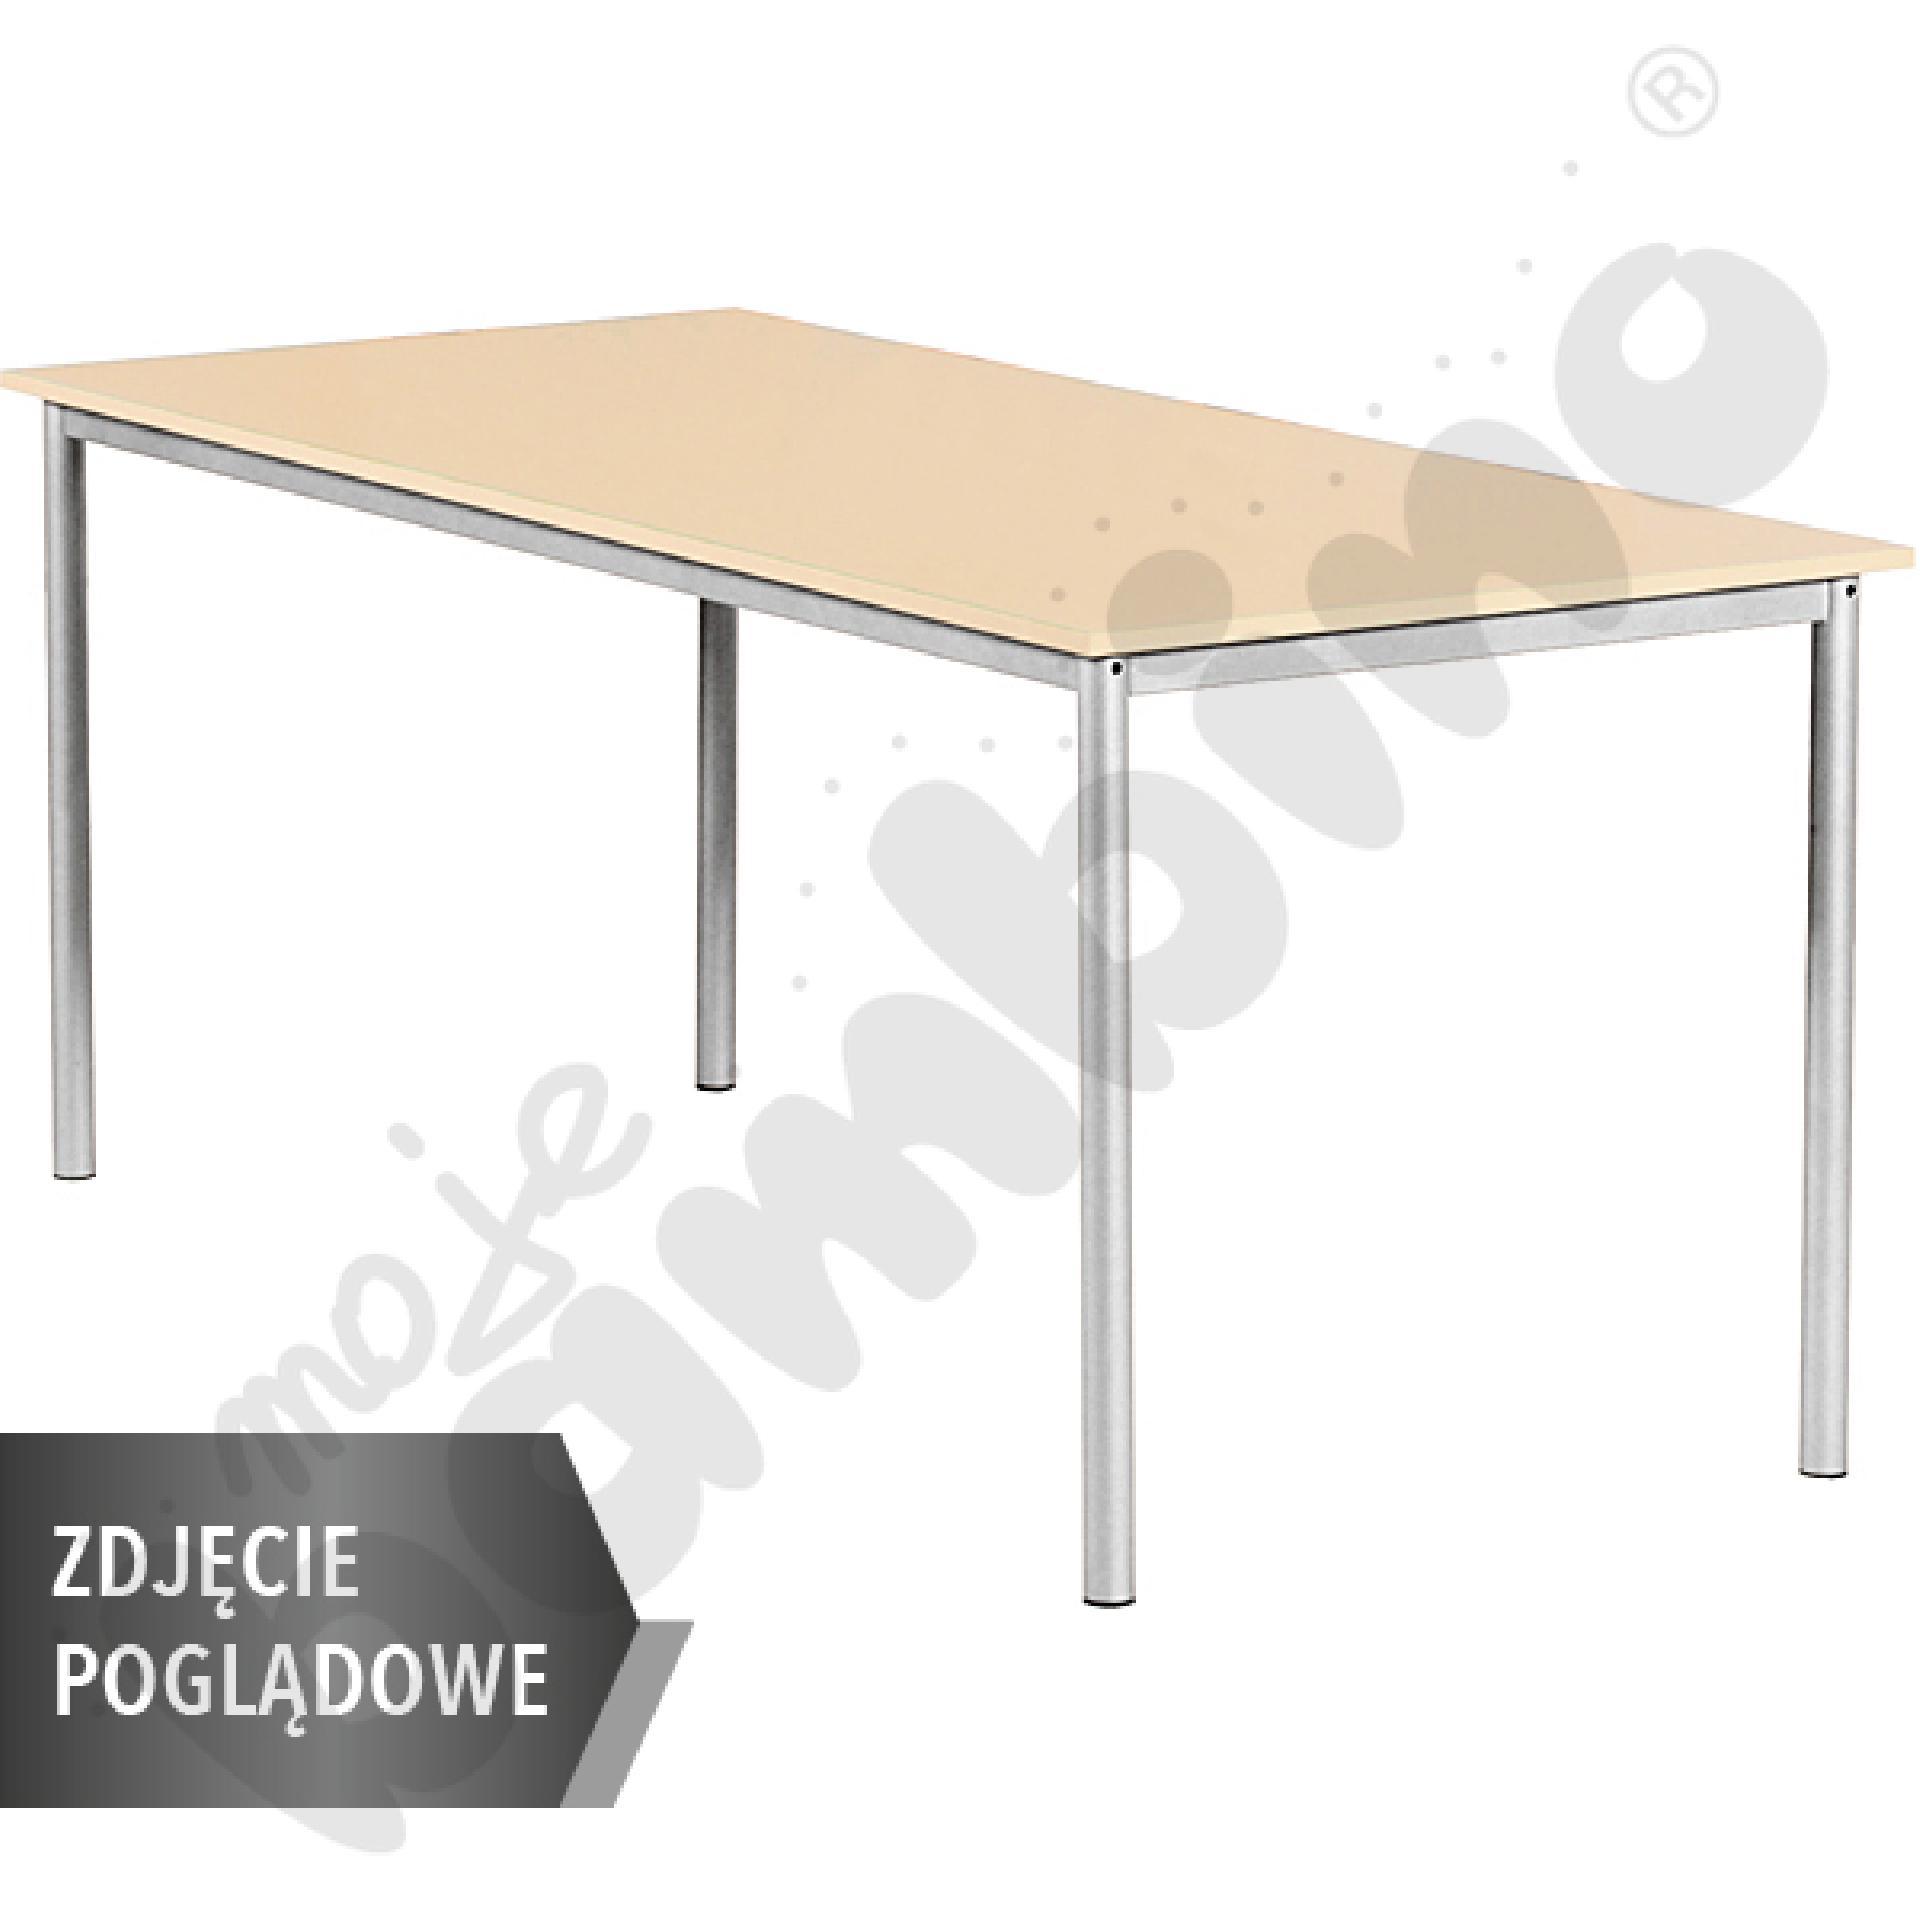 Stół Mila 160x80 rozm. 4, 8os., stelaż czarny, blat biały, obrzeże ABS, narożniki proste